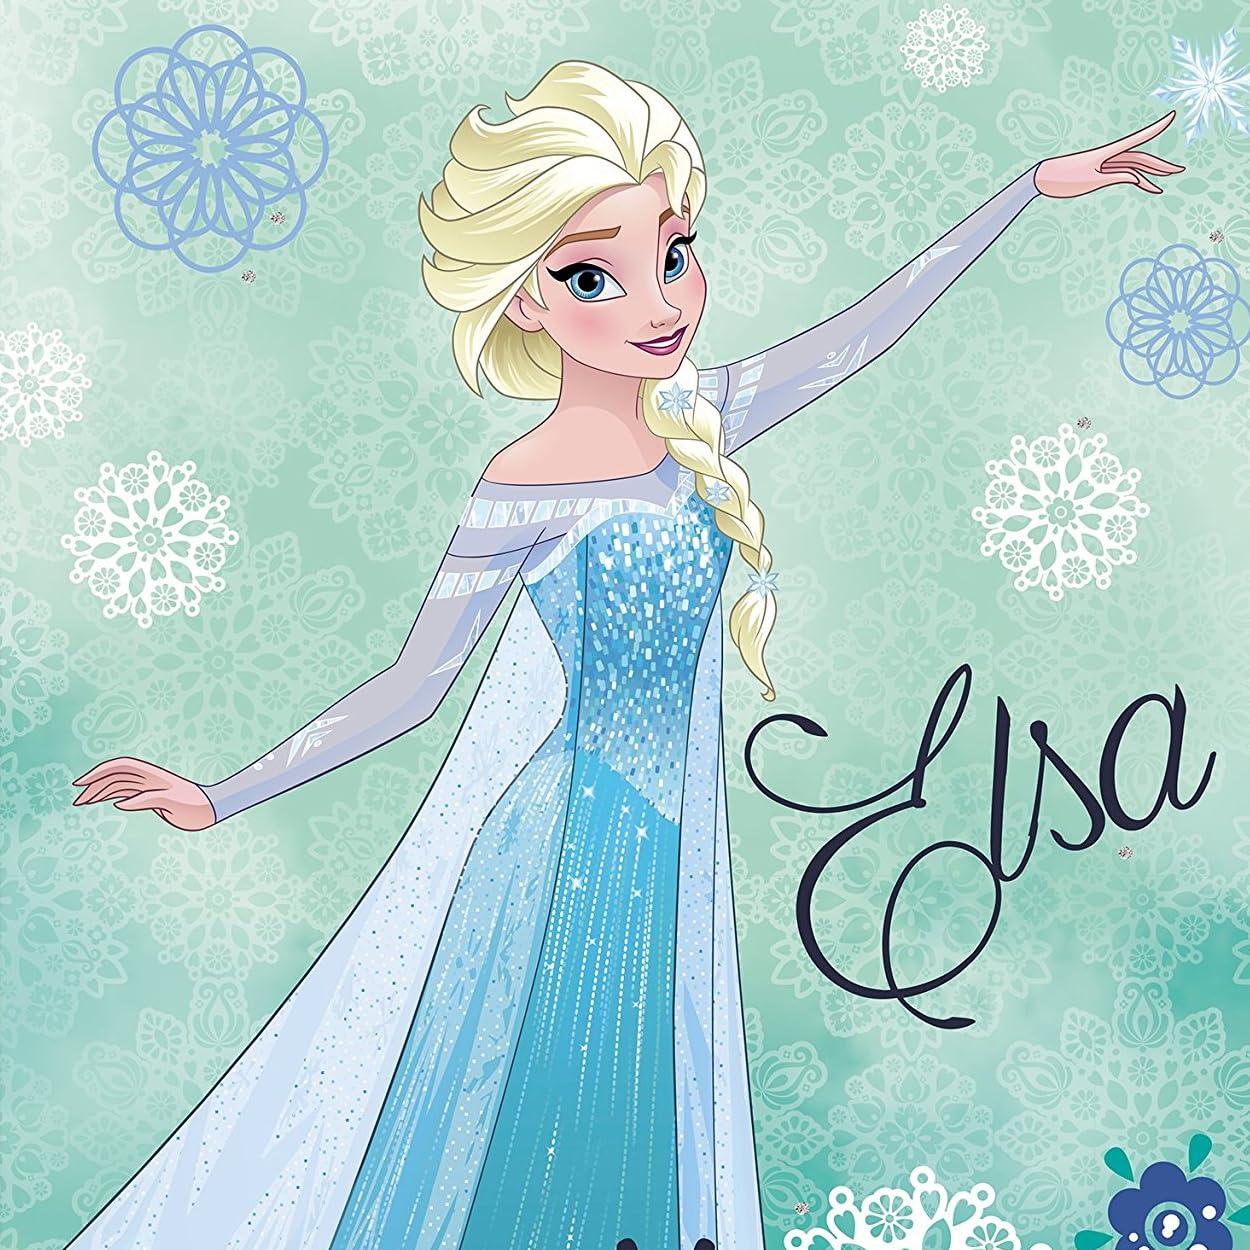 ディズニー Ipad壁紙 アナと雪の女王 エルサ アニメ スマホ用画像77066